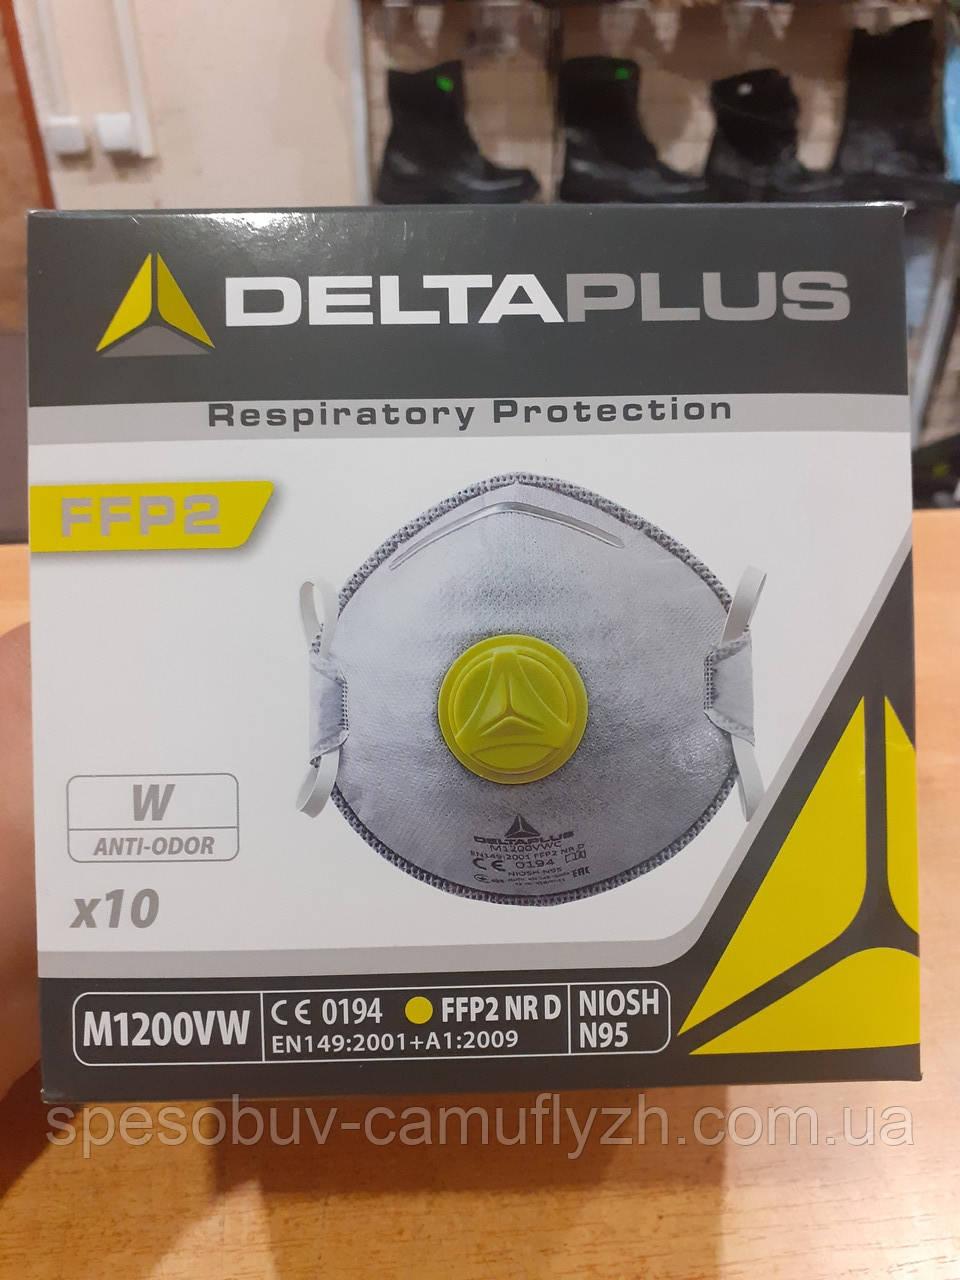 Респиратор Delta Plus M1200 VWC NIOSH N95 2-й класс FFP2 с клапаном выдоха Только по 10 шт